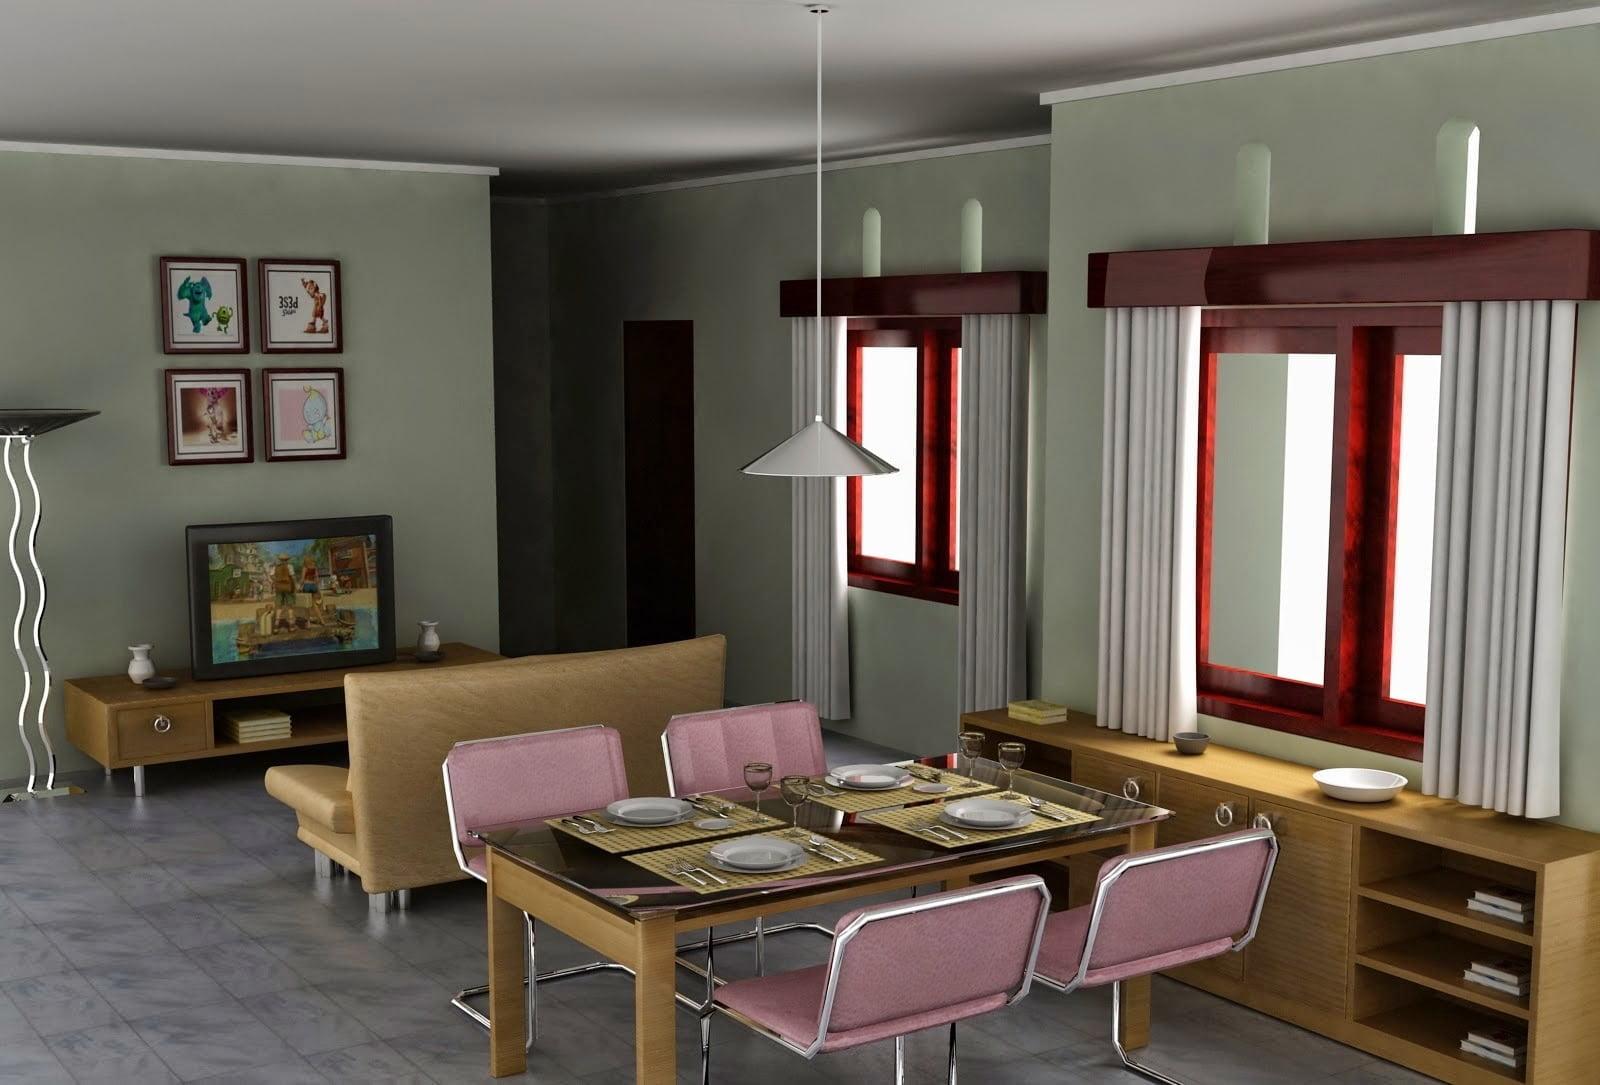 46 Model Desain Ruang Rumah Minimalis Sederhana Paling Populer Di Dunia Deagam Design